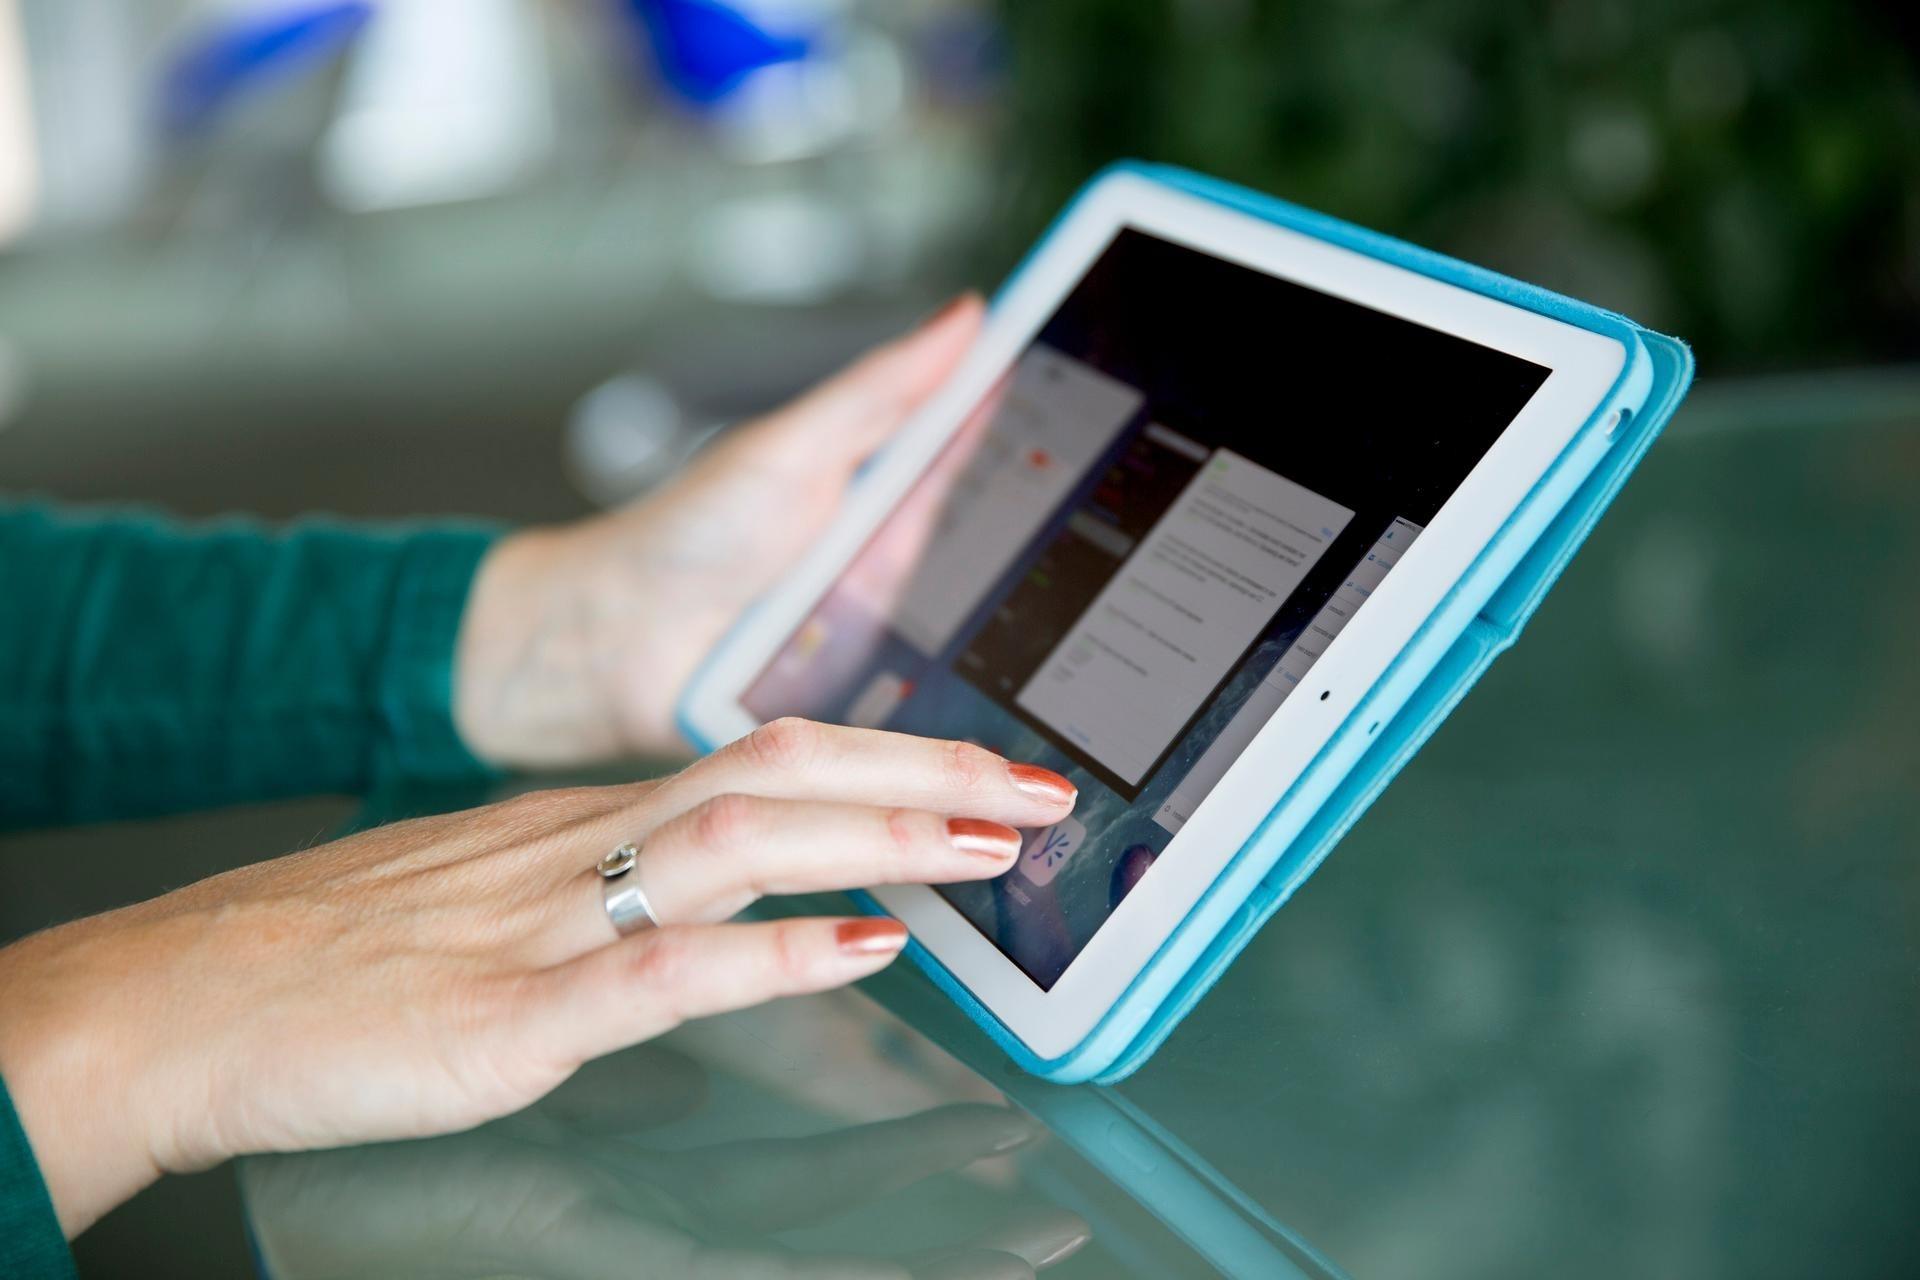 vrouw doet aangifte op iPad